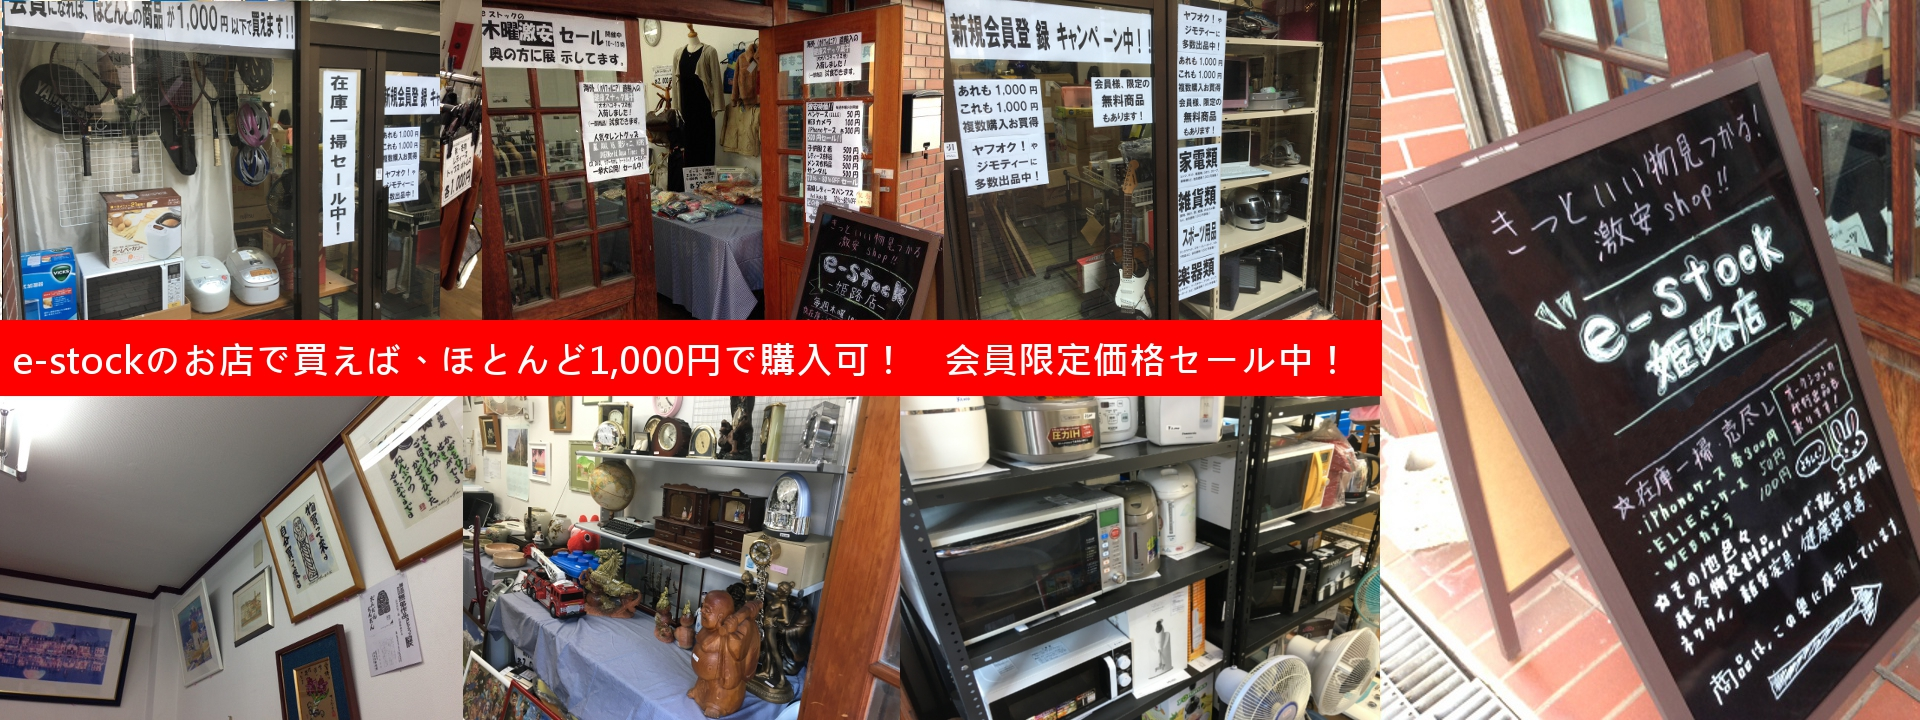 e-stock_store3